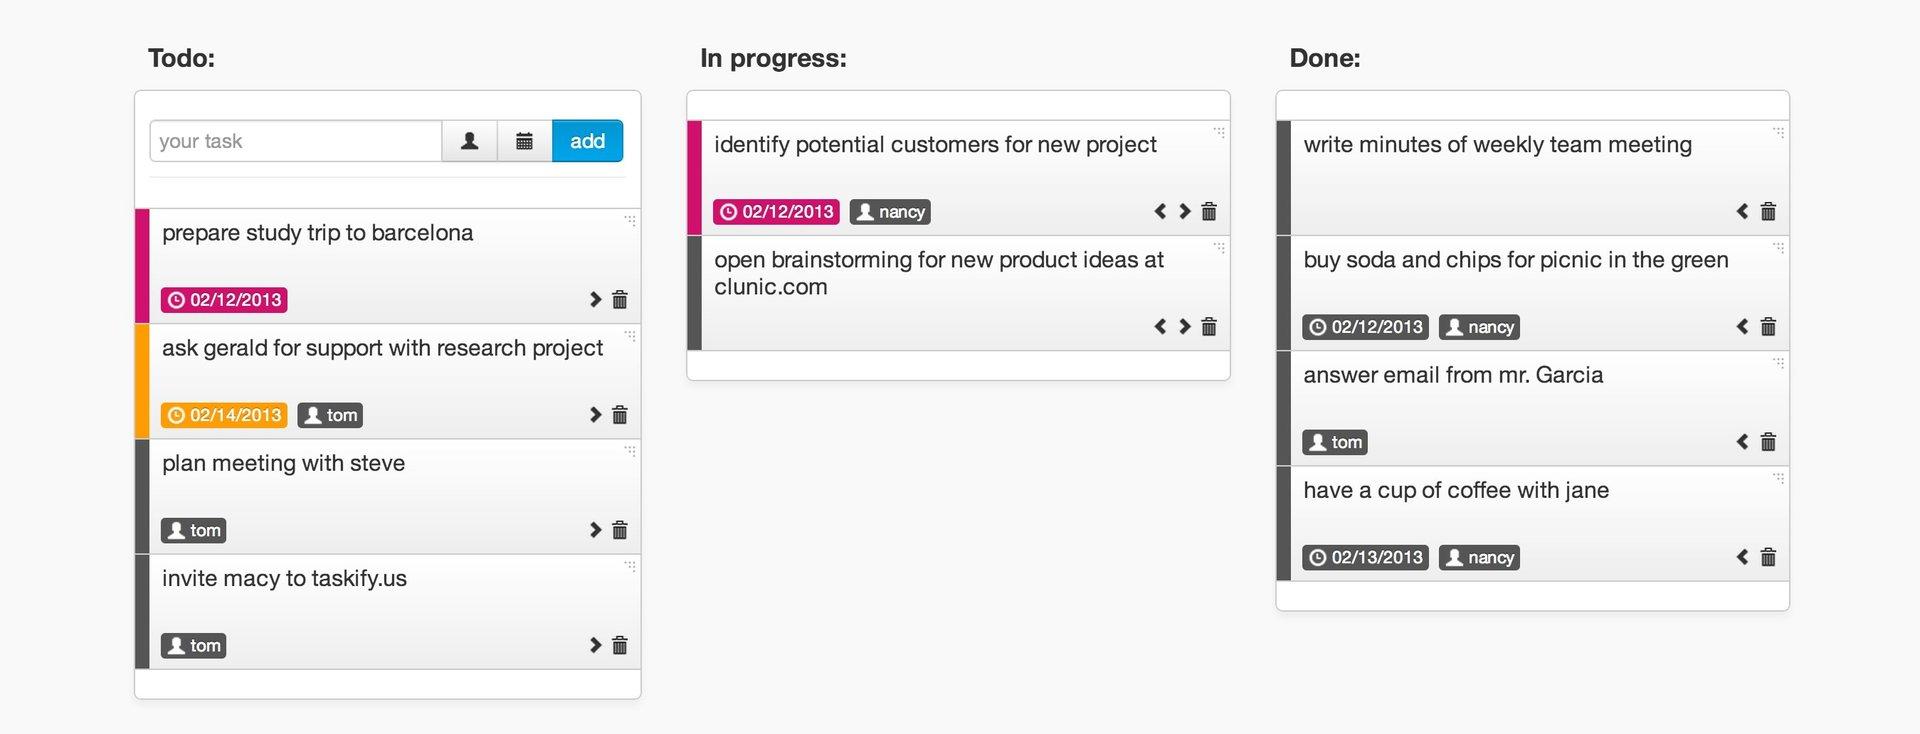 Taskify.us –простое приложения для создания листа задач и управления ими вместе со своей командой по типу Kanban доски.